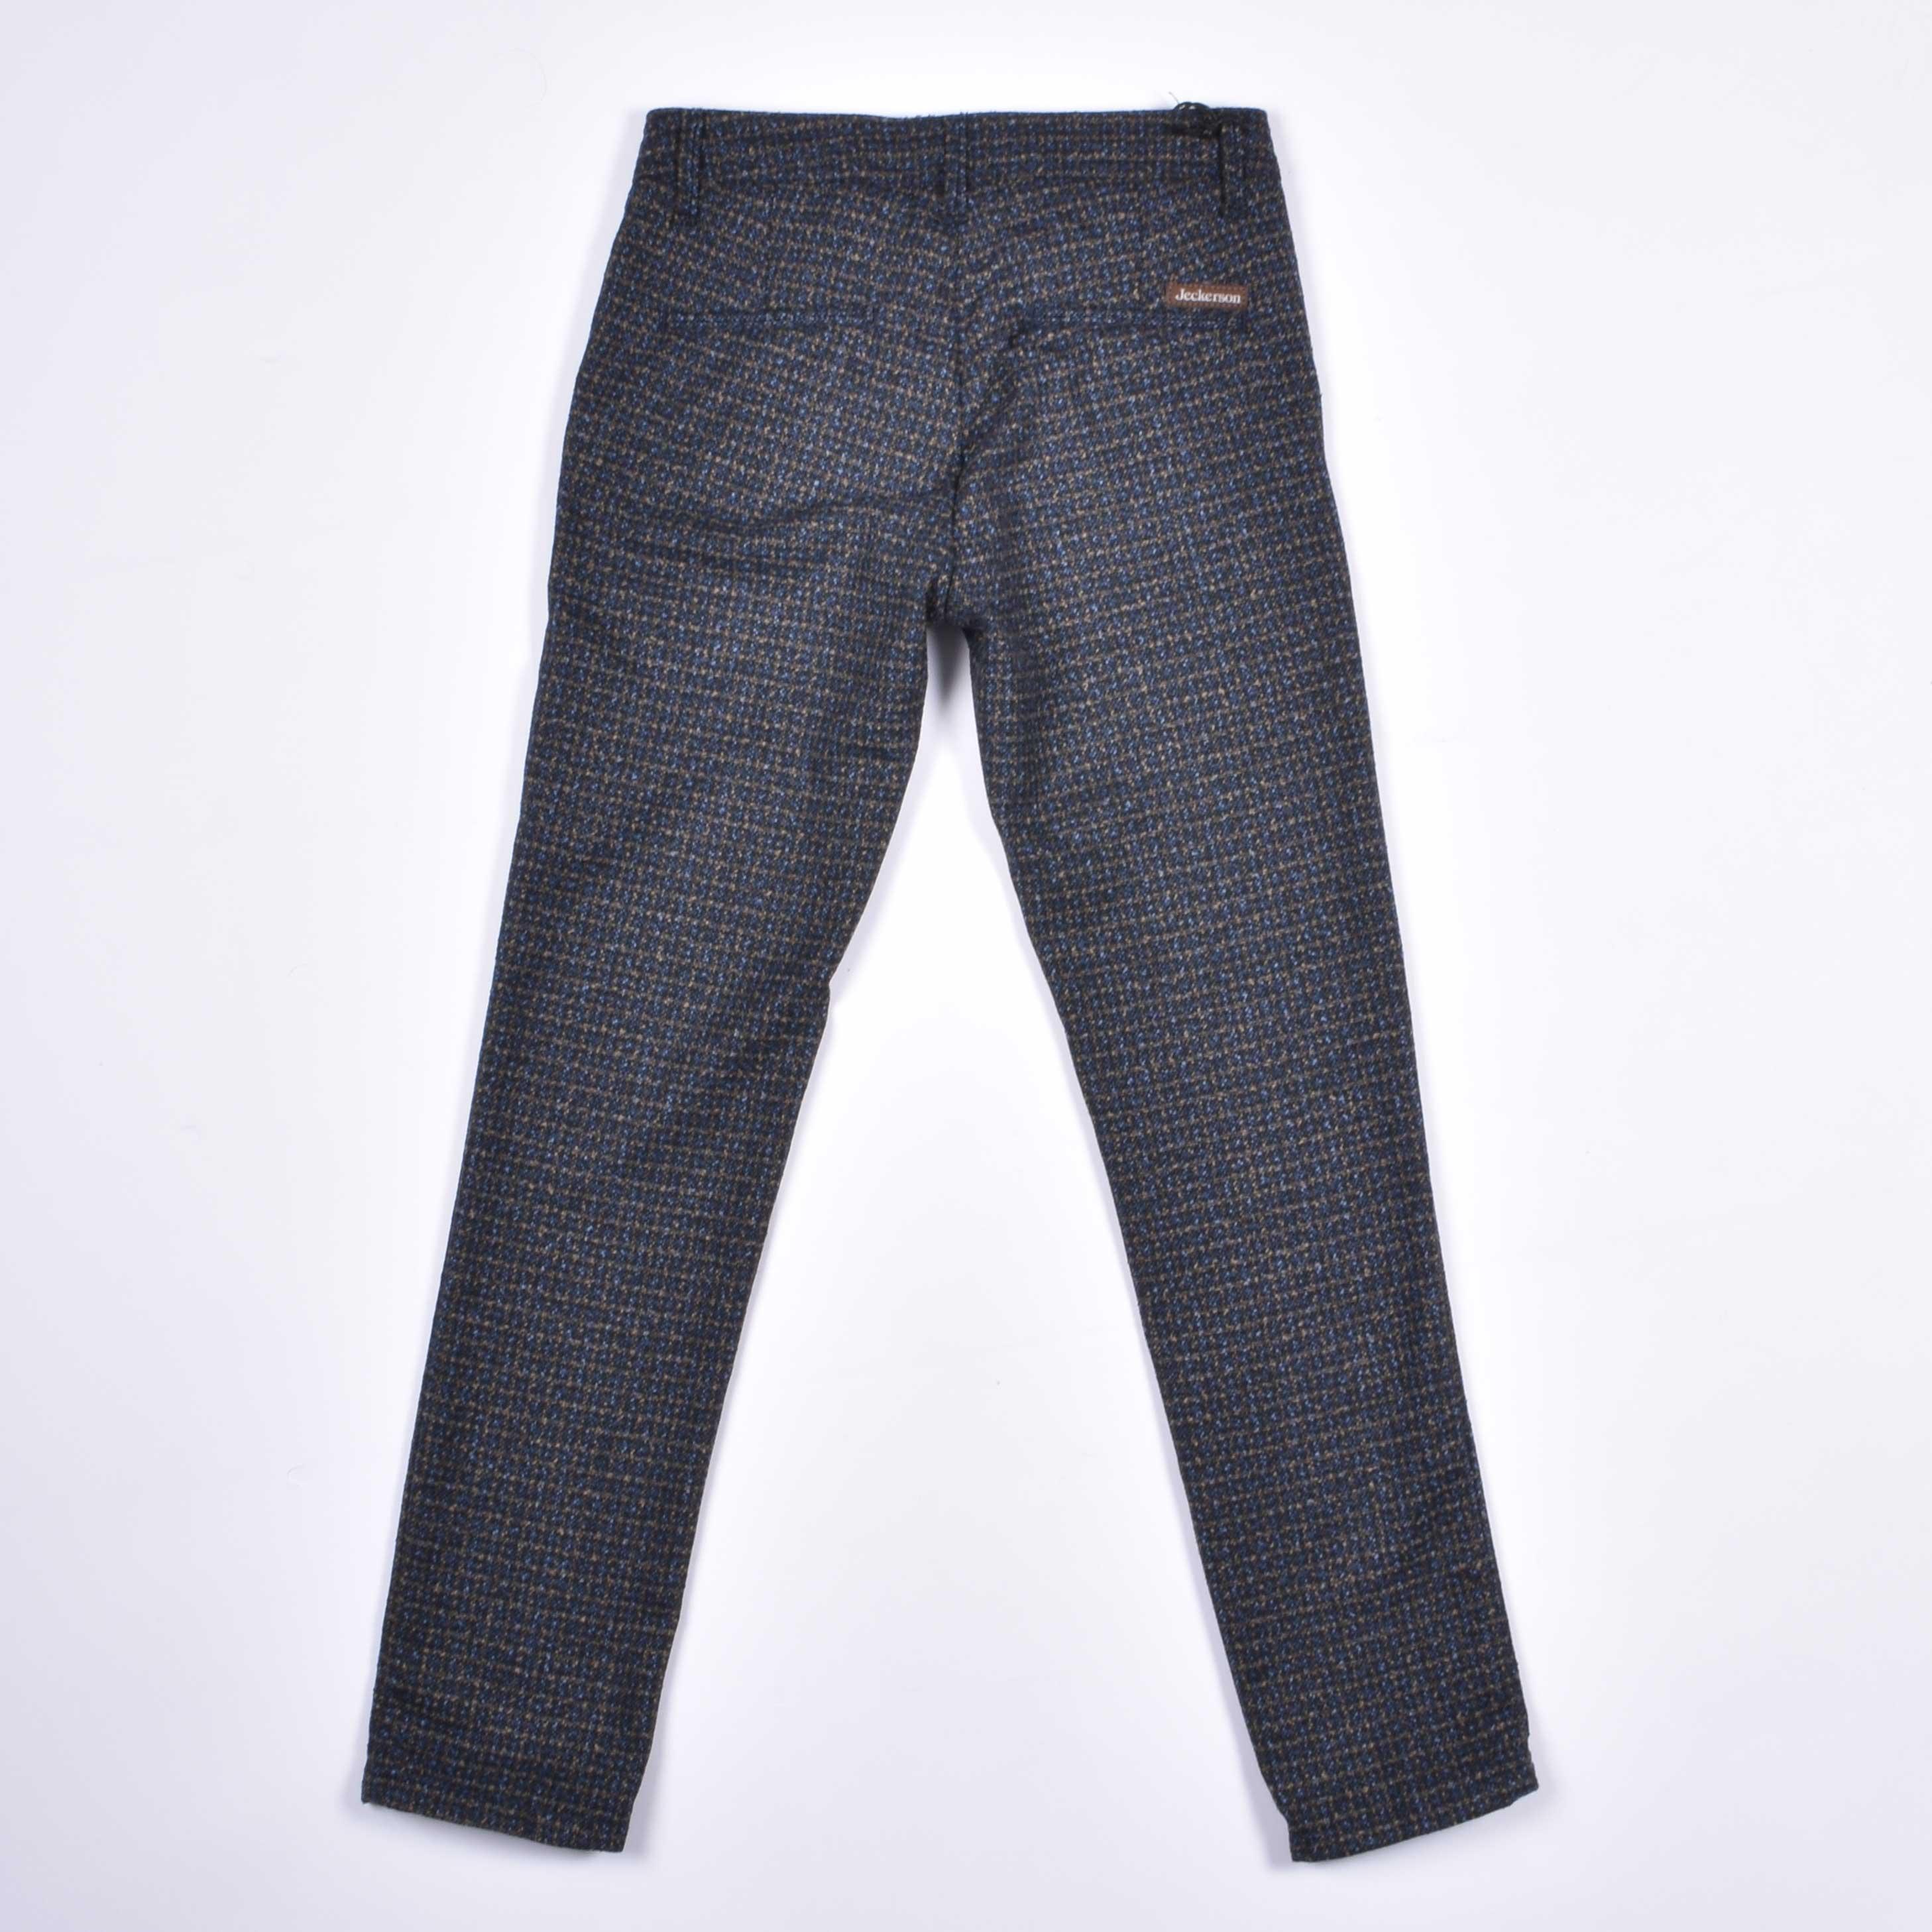 Pantalone junior quadretti - Giallo/blu/nero